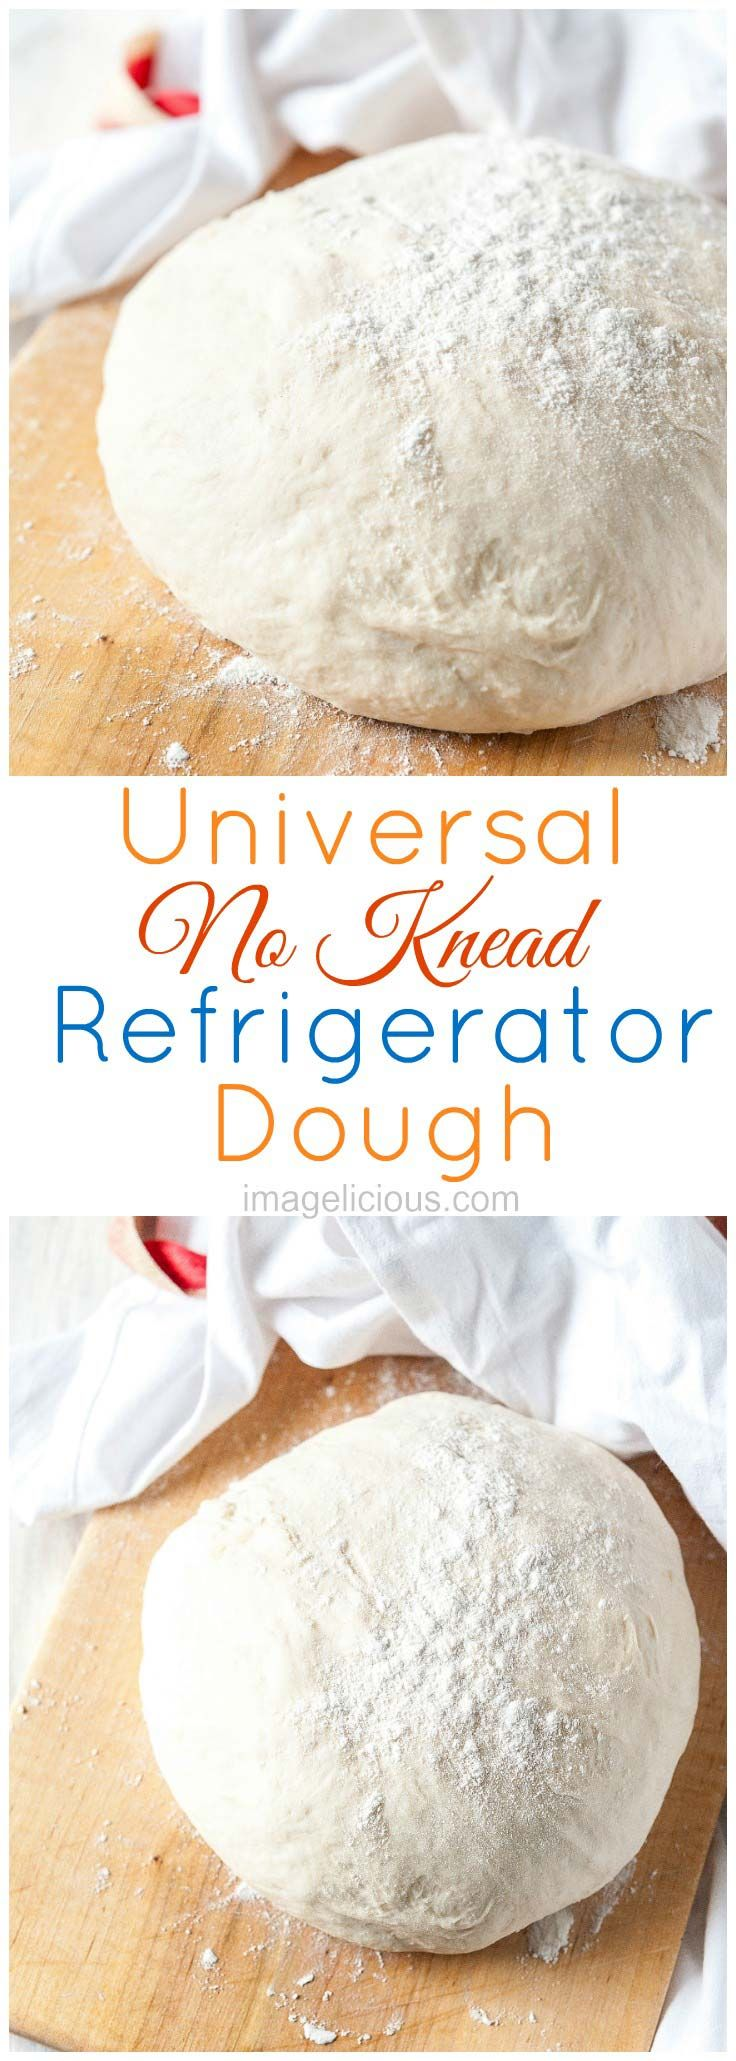 Universal no knead refrigerator dough recipe food